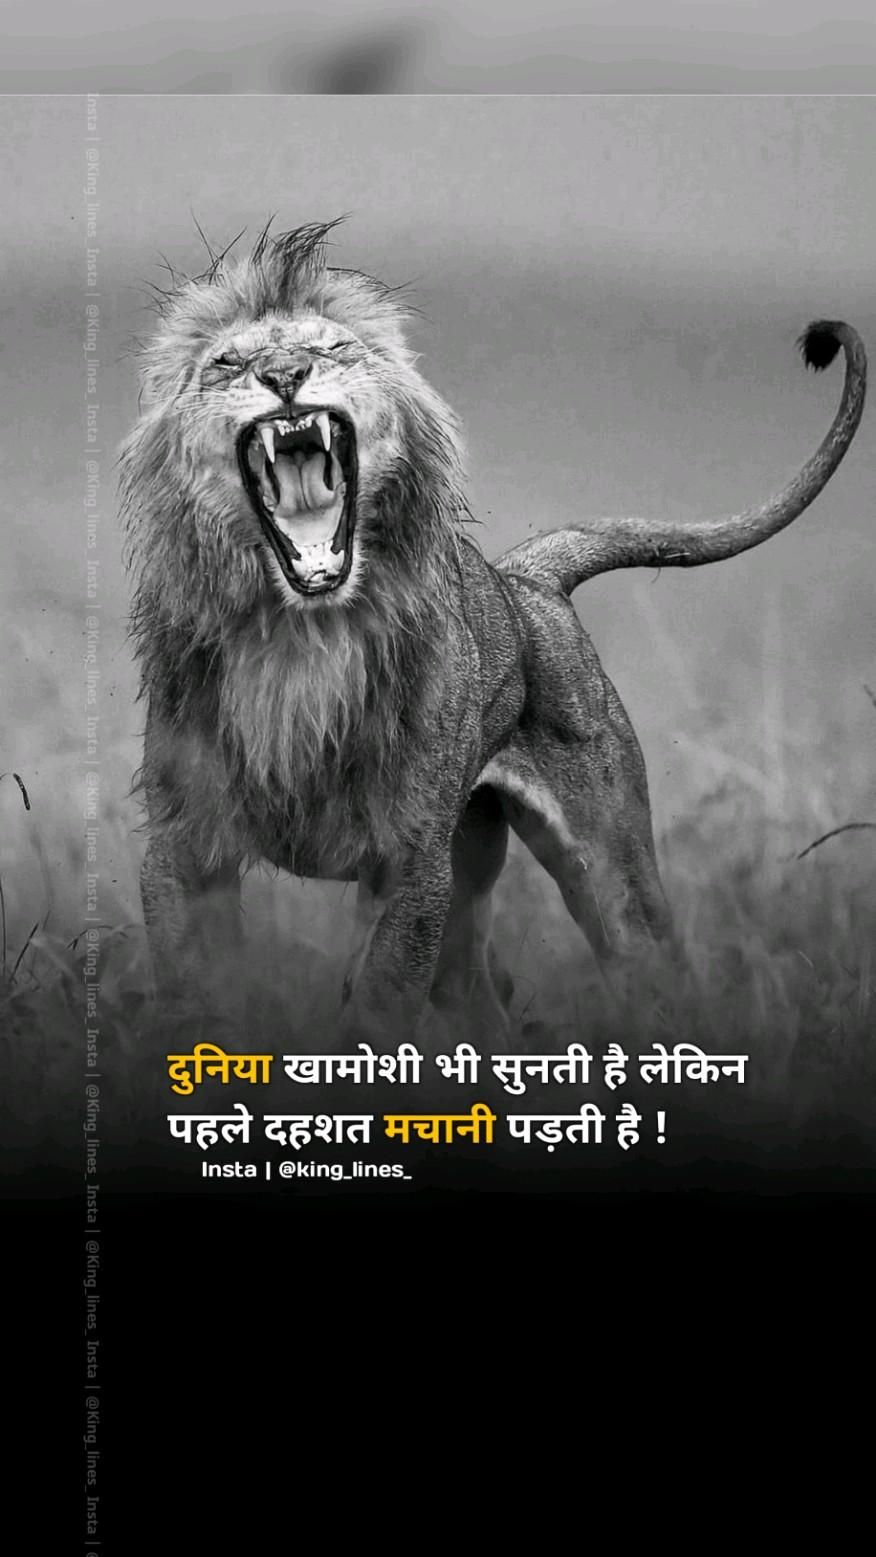 Motivational quotes in Hindi | Attitude Shayari in Hindi